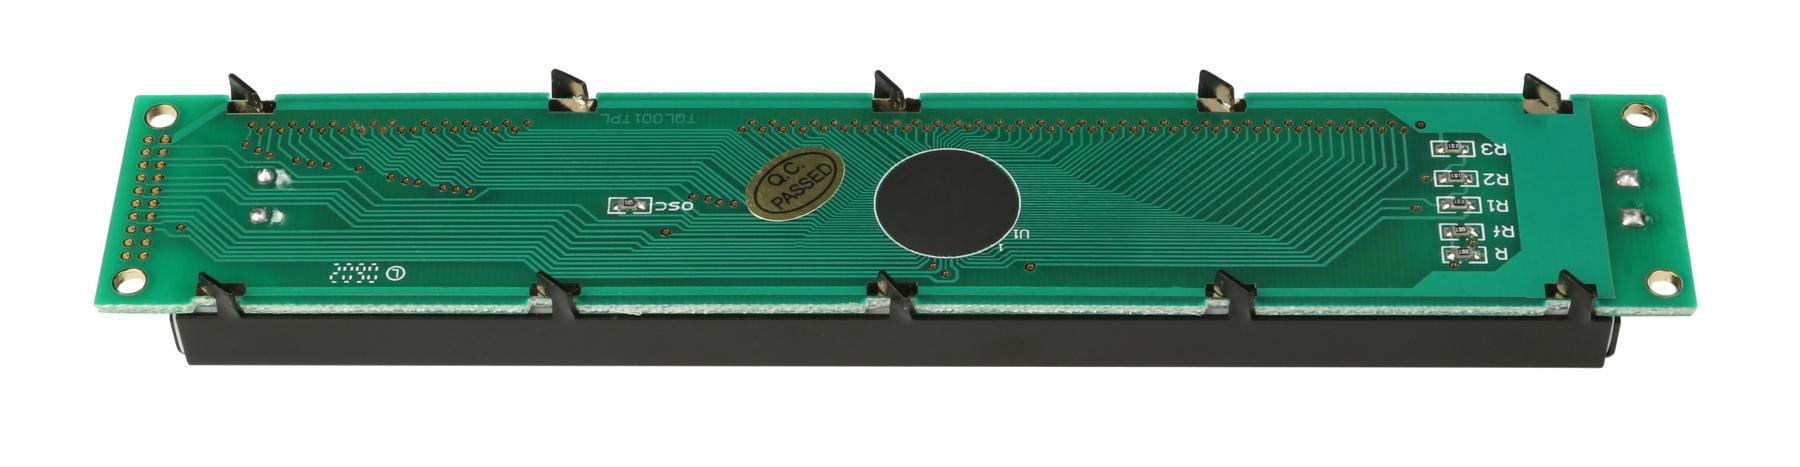 LCD Module for FBV Longboard